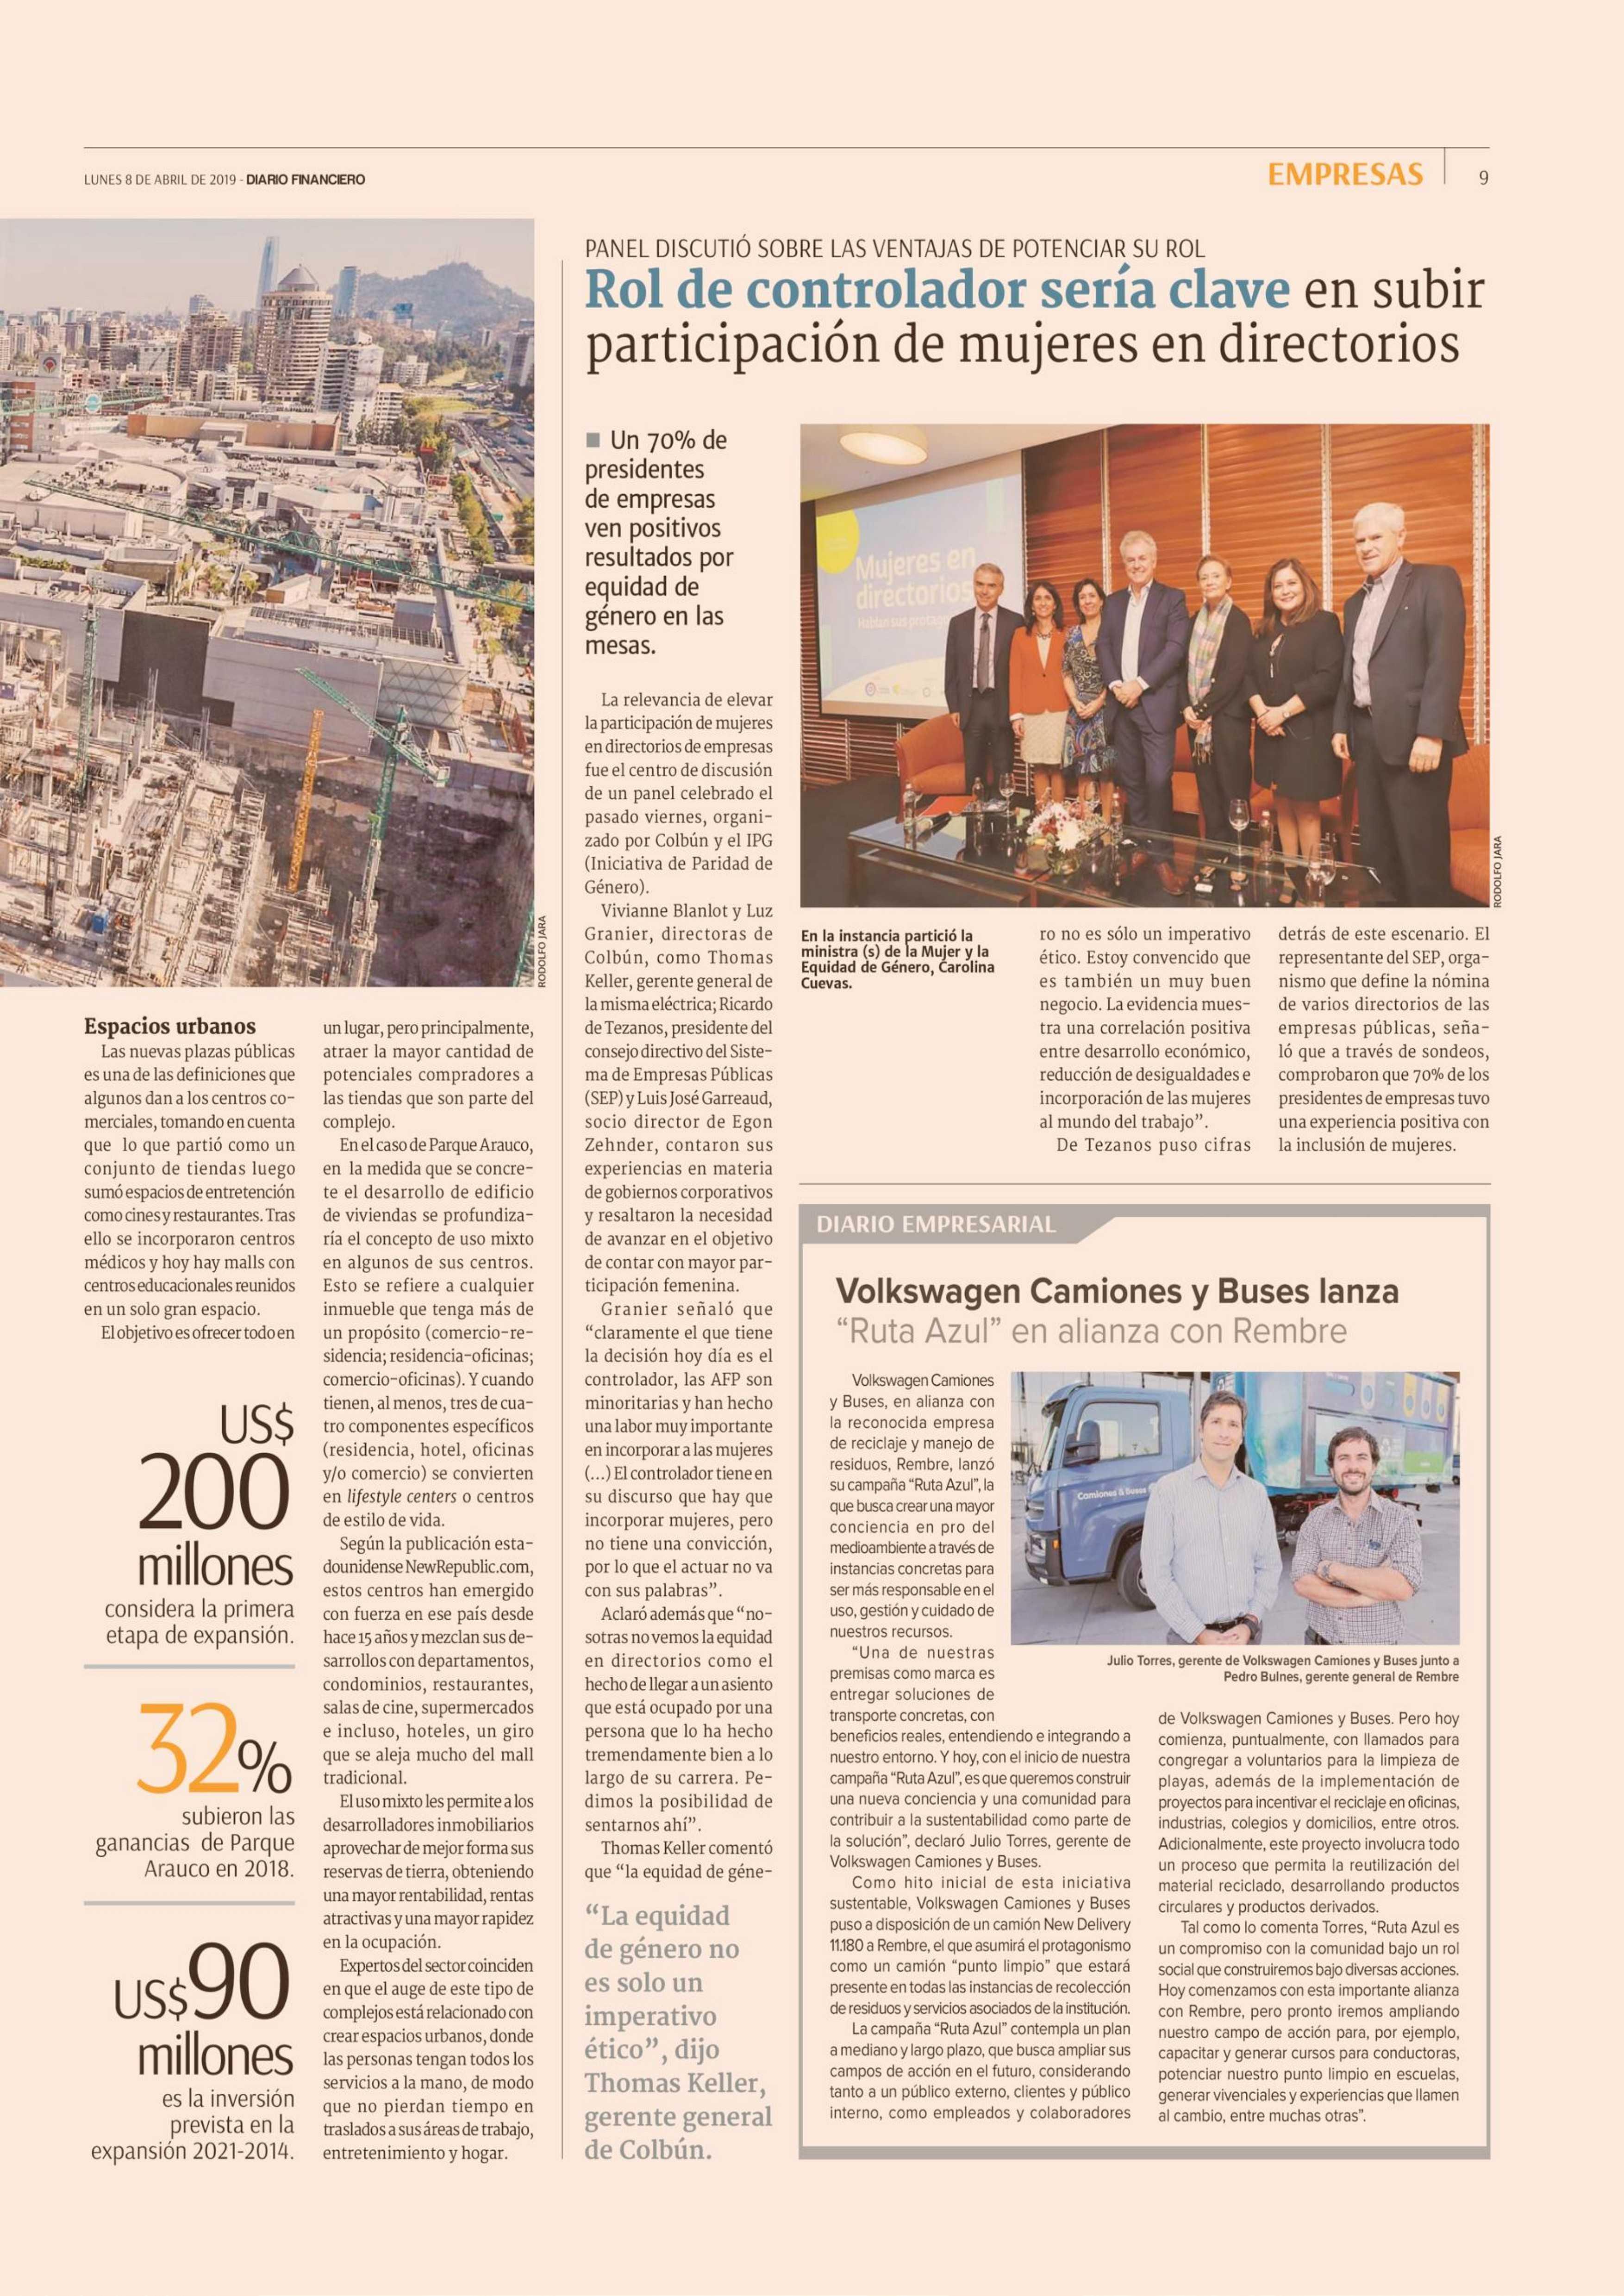 Diario Financiero, Diario Empresarial, VW Camiones y Buses lanza Ruta Azul.